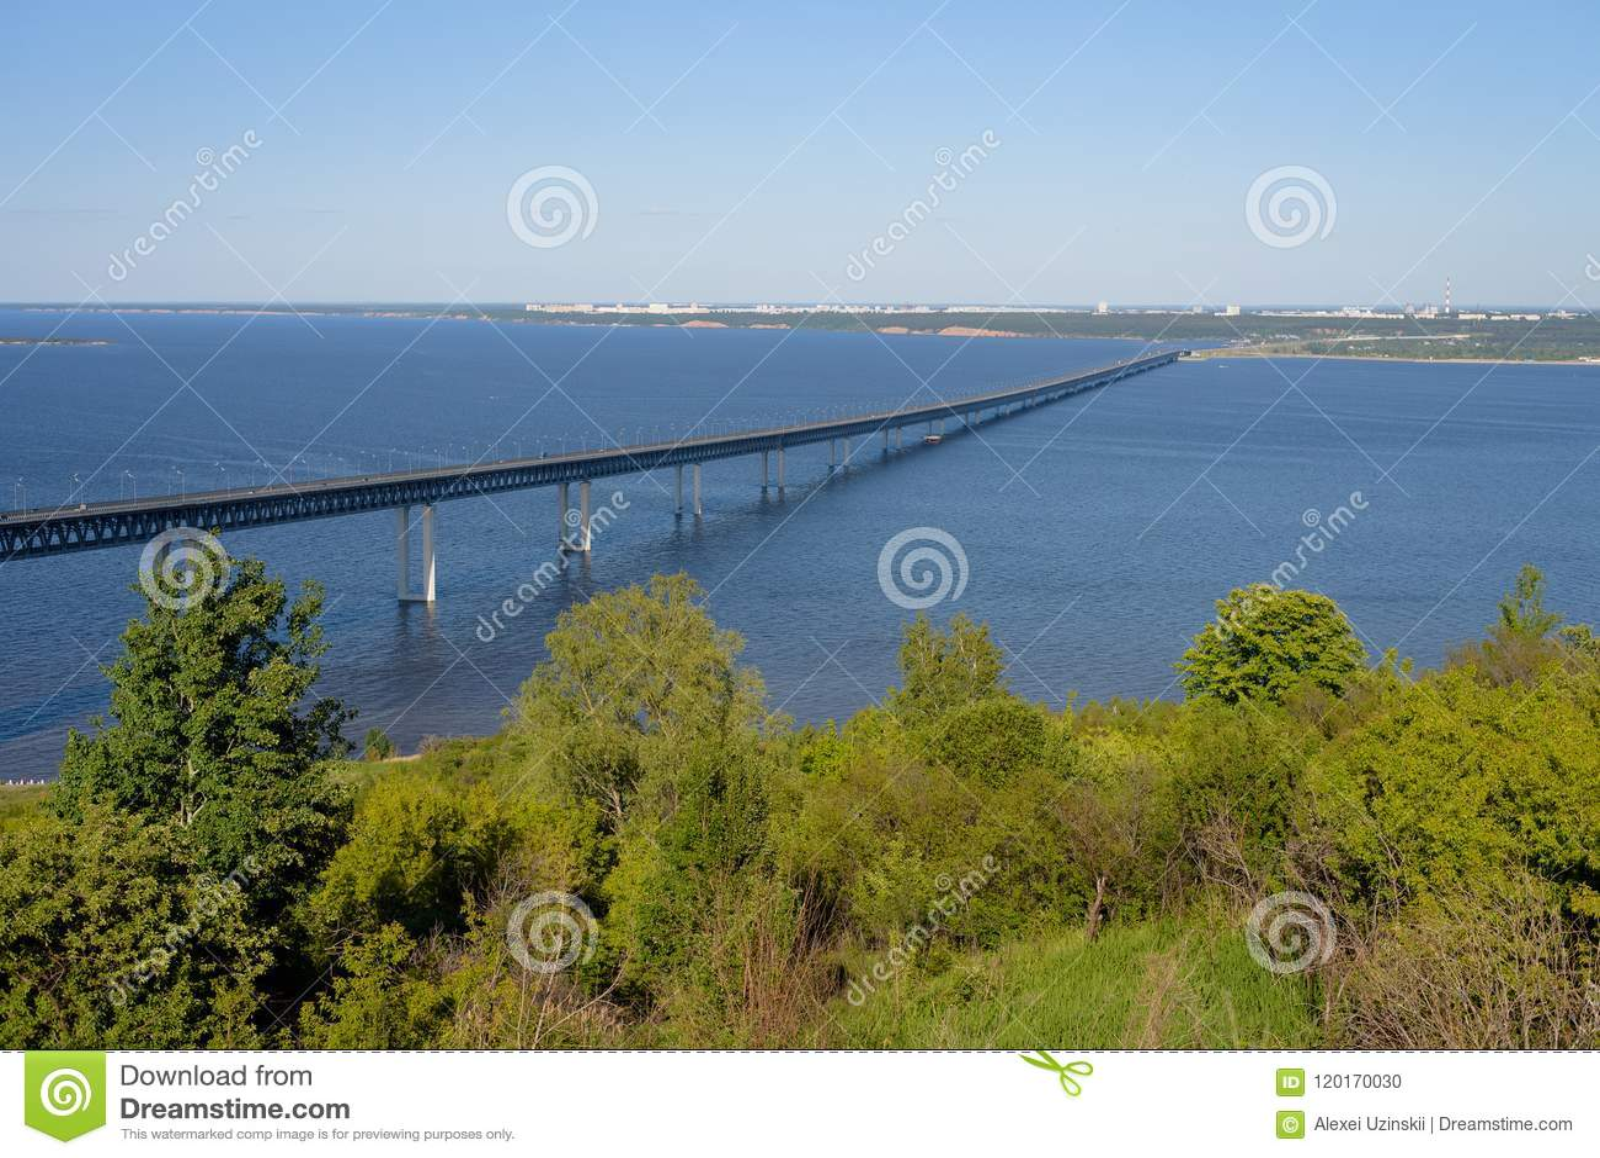 Ulyanovsk, Россия - 06 30 2018: Президент Мост над Рекой Волга, летний день